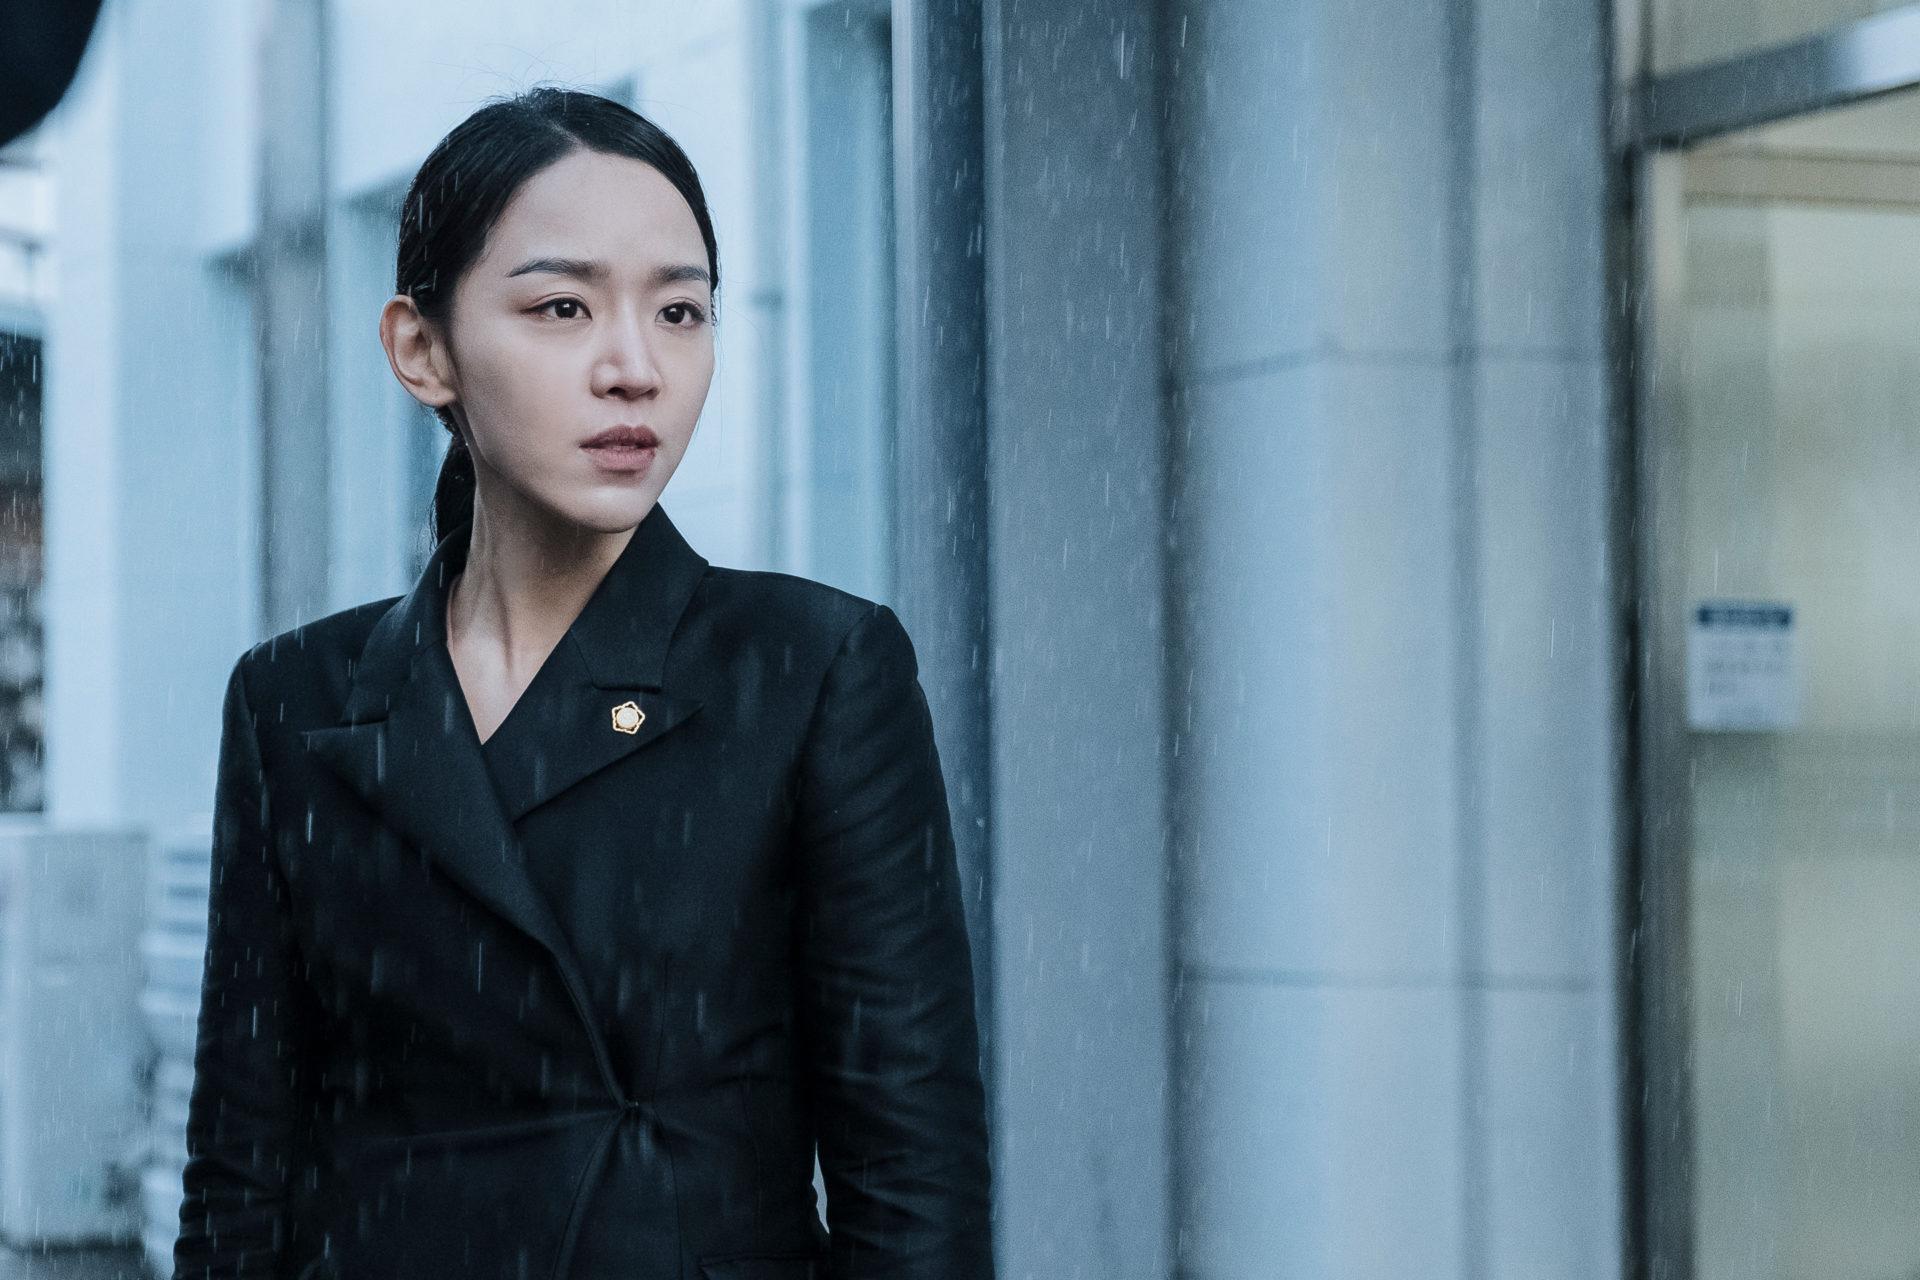 《翻供》父親意外推手鼓勵申惠善再度辦案 《寄生上流》激發影后裴宗玉挑戰大銀幕